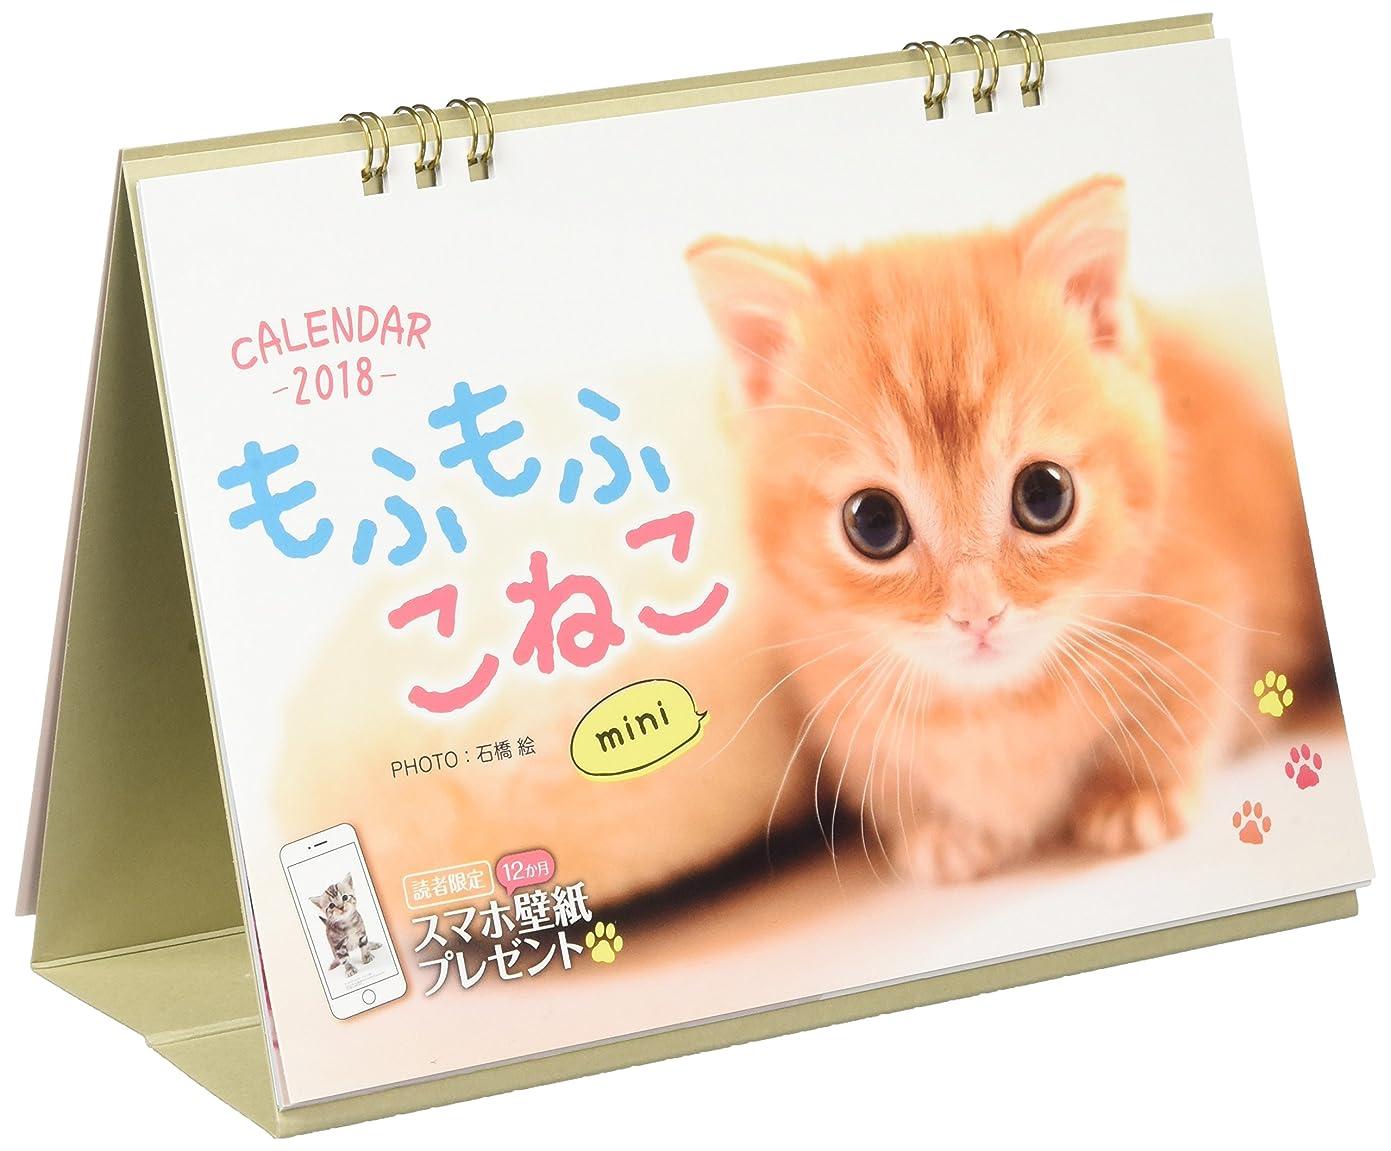 偽塩辛い花婿<卓上>もふもふこねこ mini (インプレスカレンダー2018)